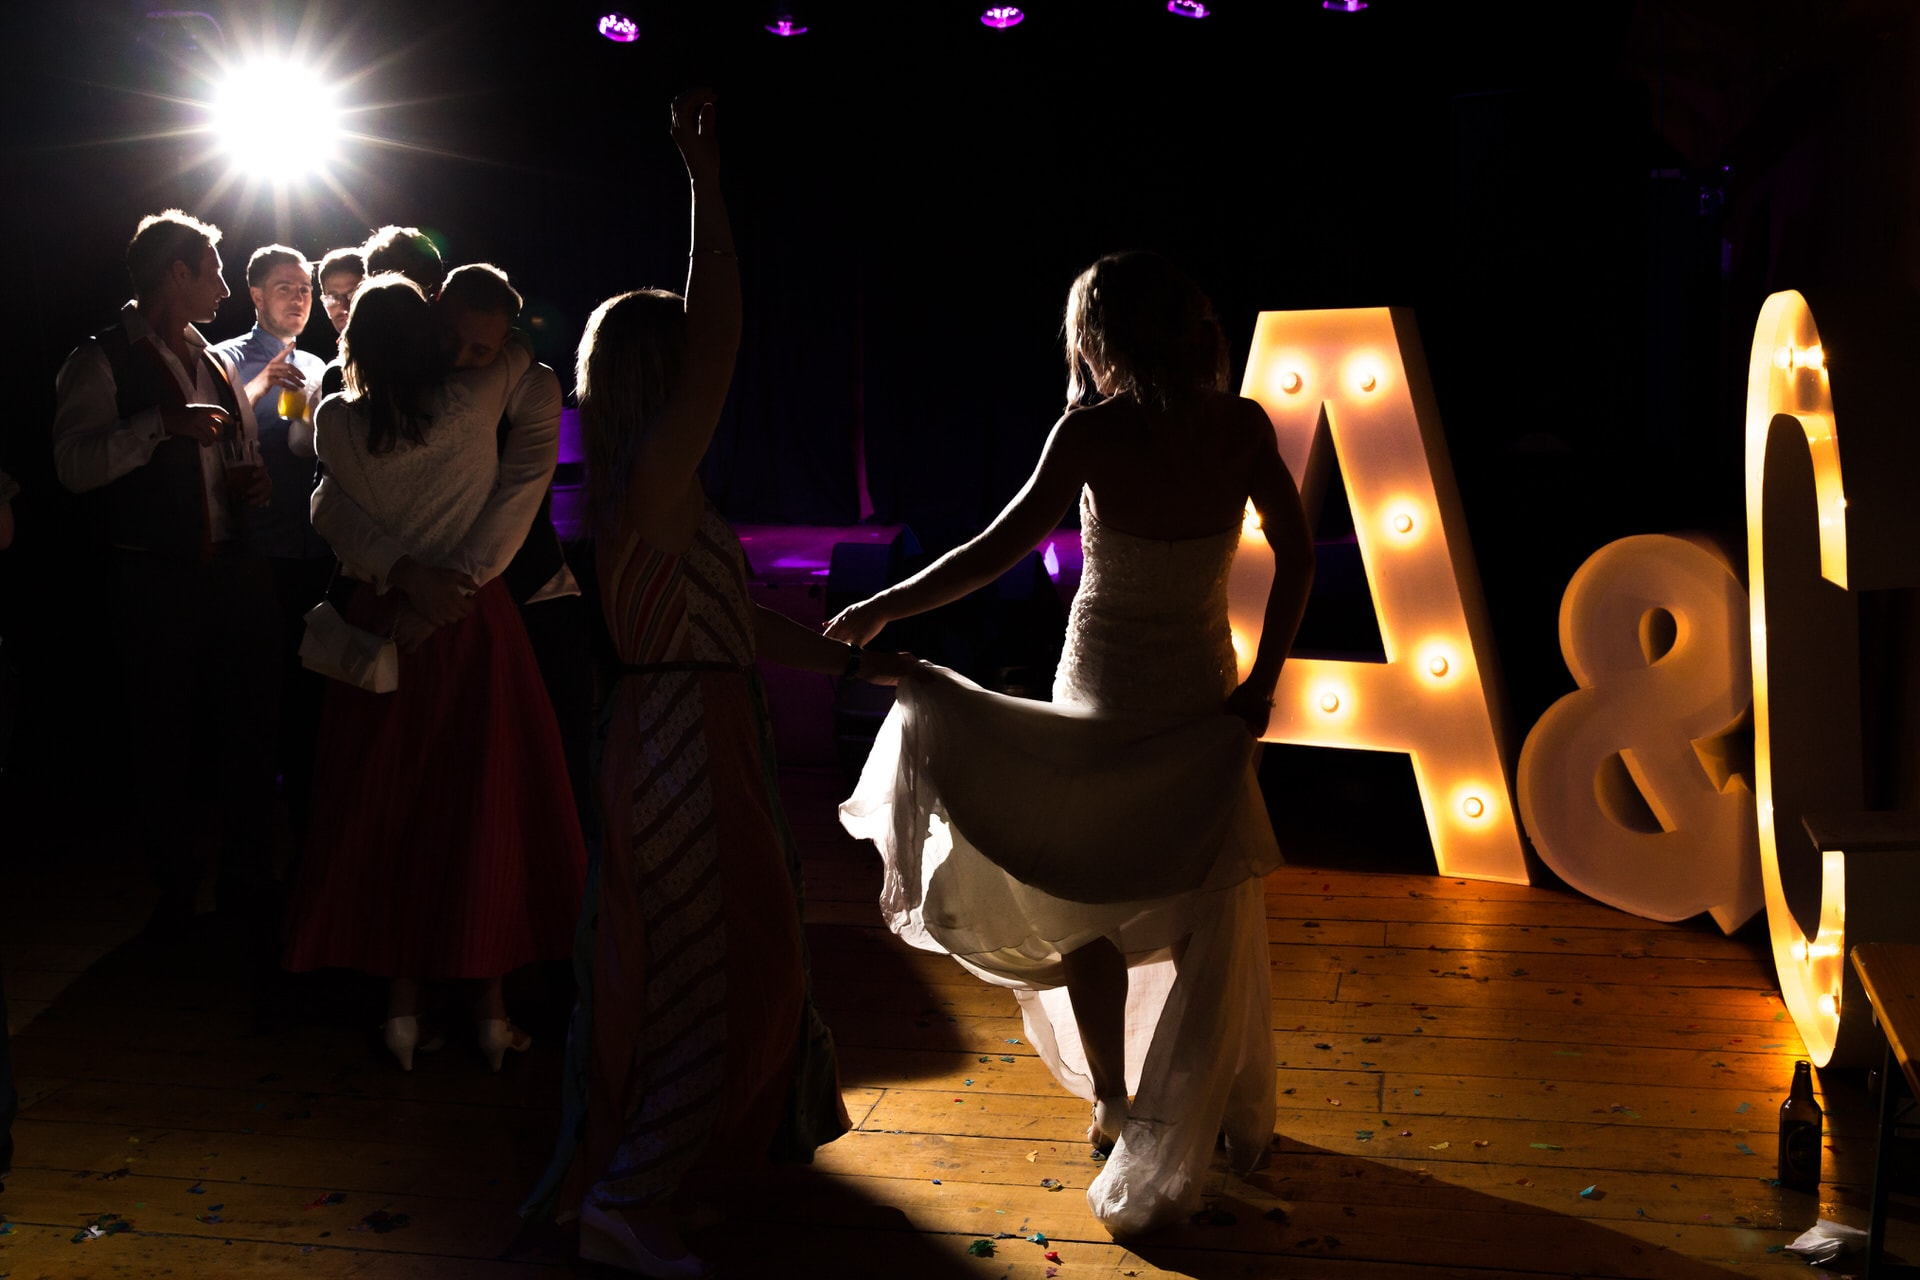 london bride dancing